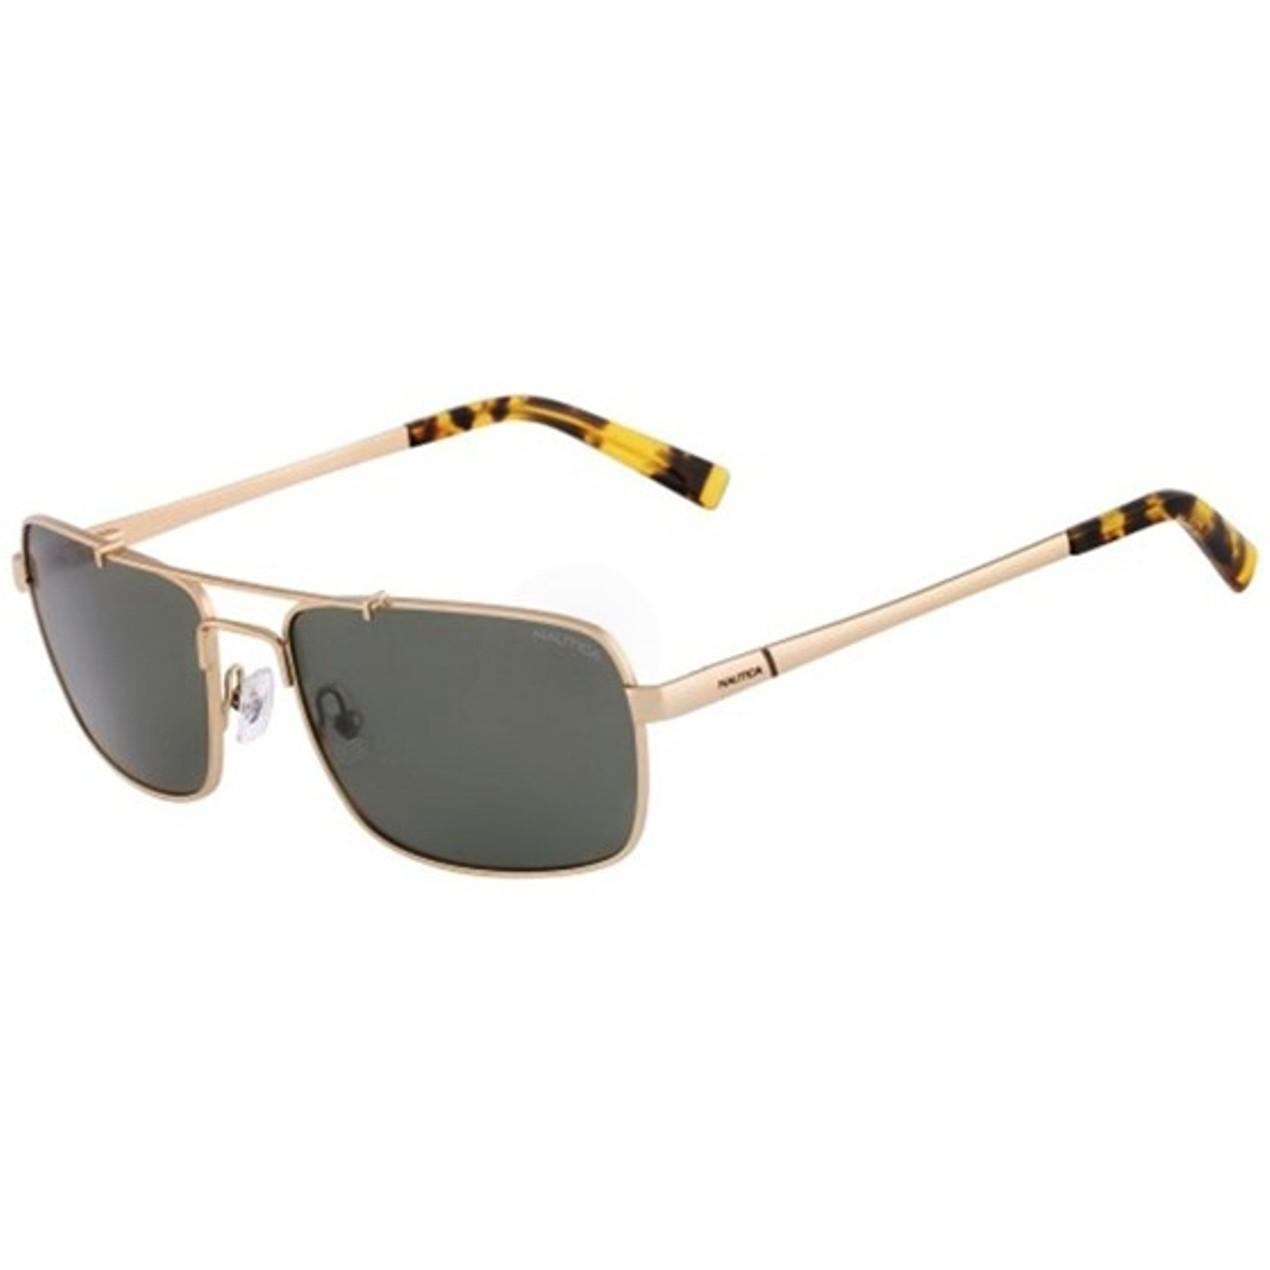 bf2e409e2b5 Nautica Polarized Sunglasses - N5098S - Tanga